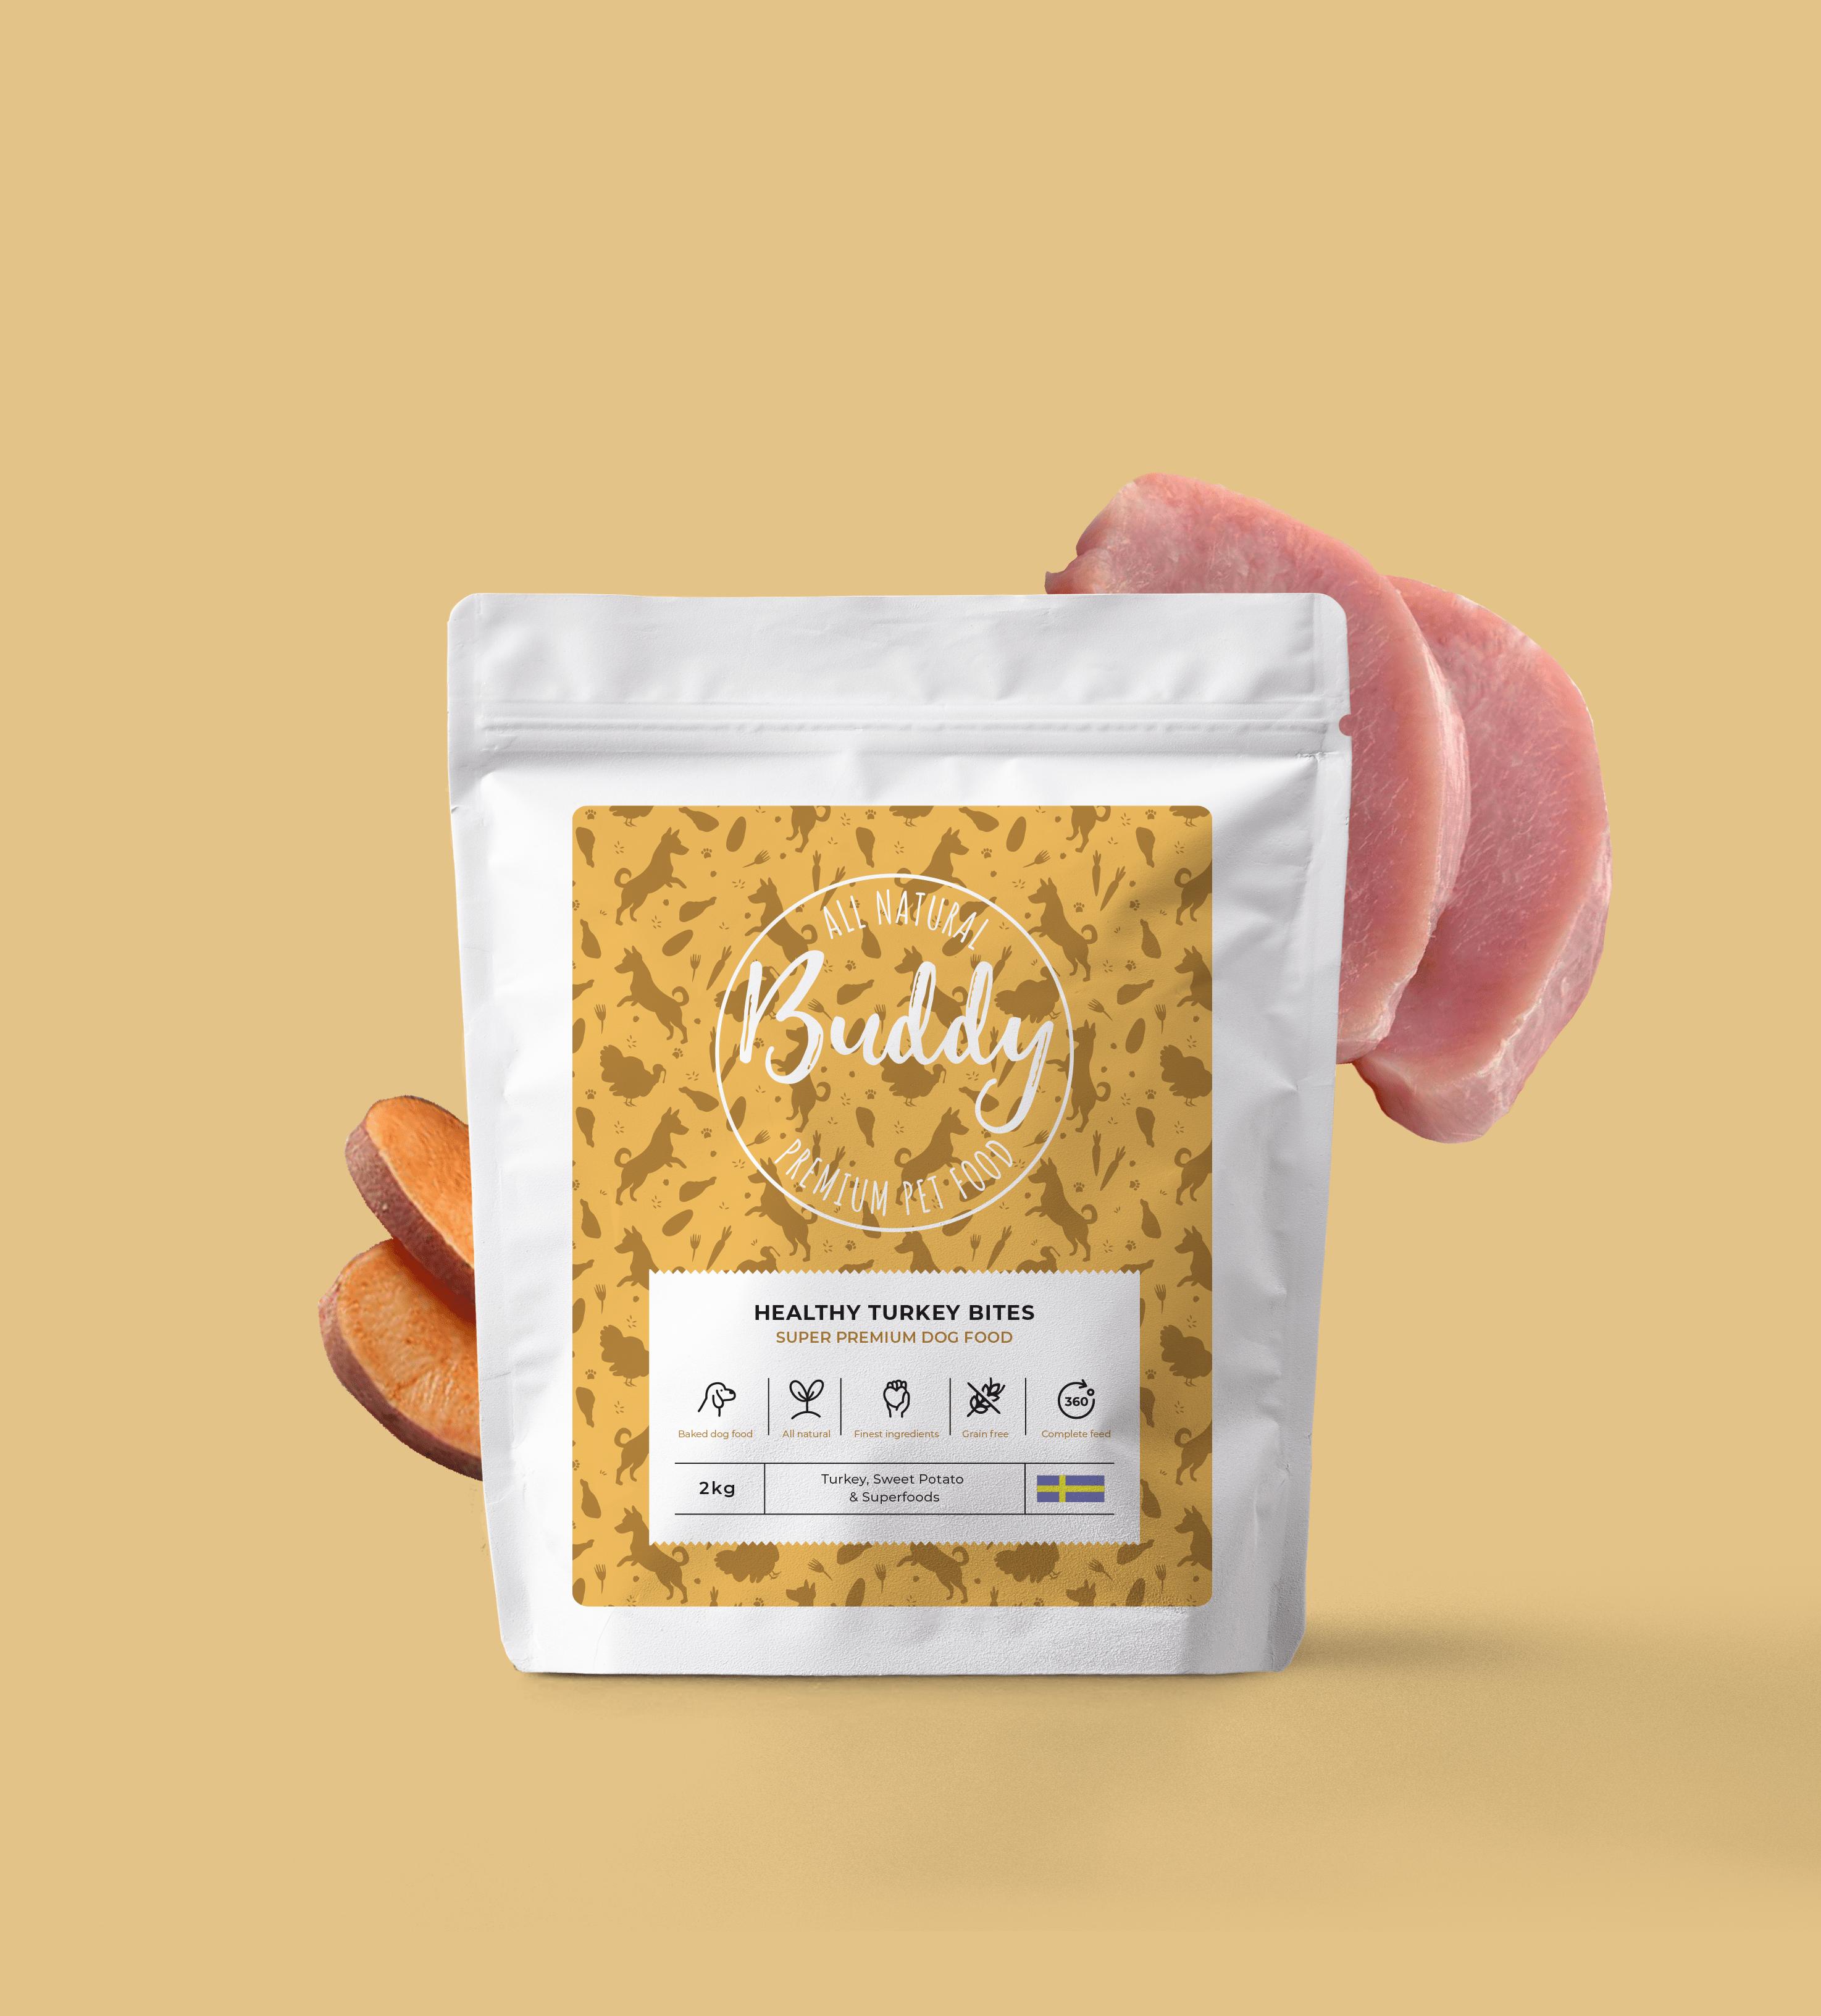 Healthy Turkey Bites